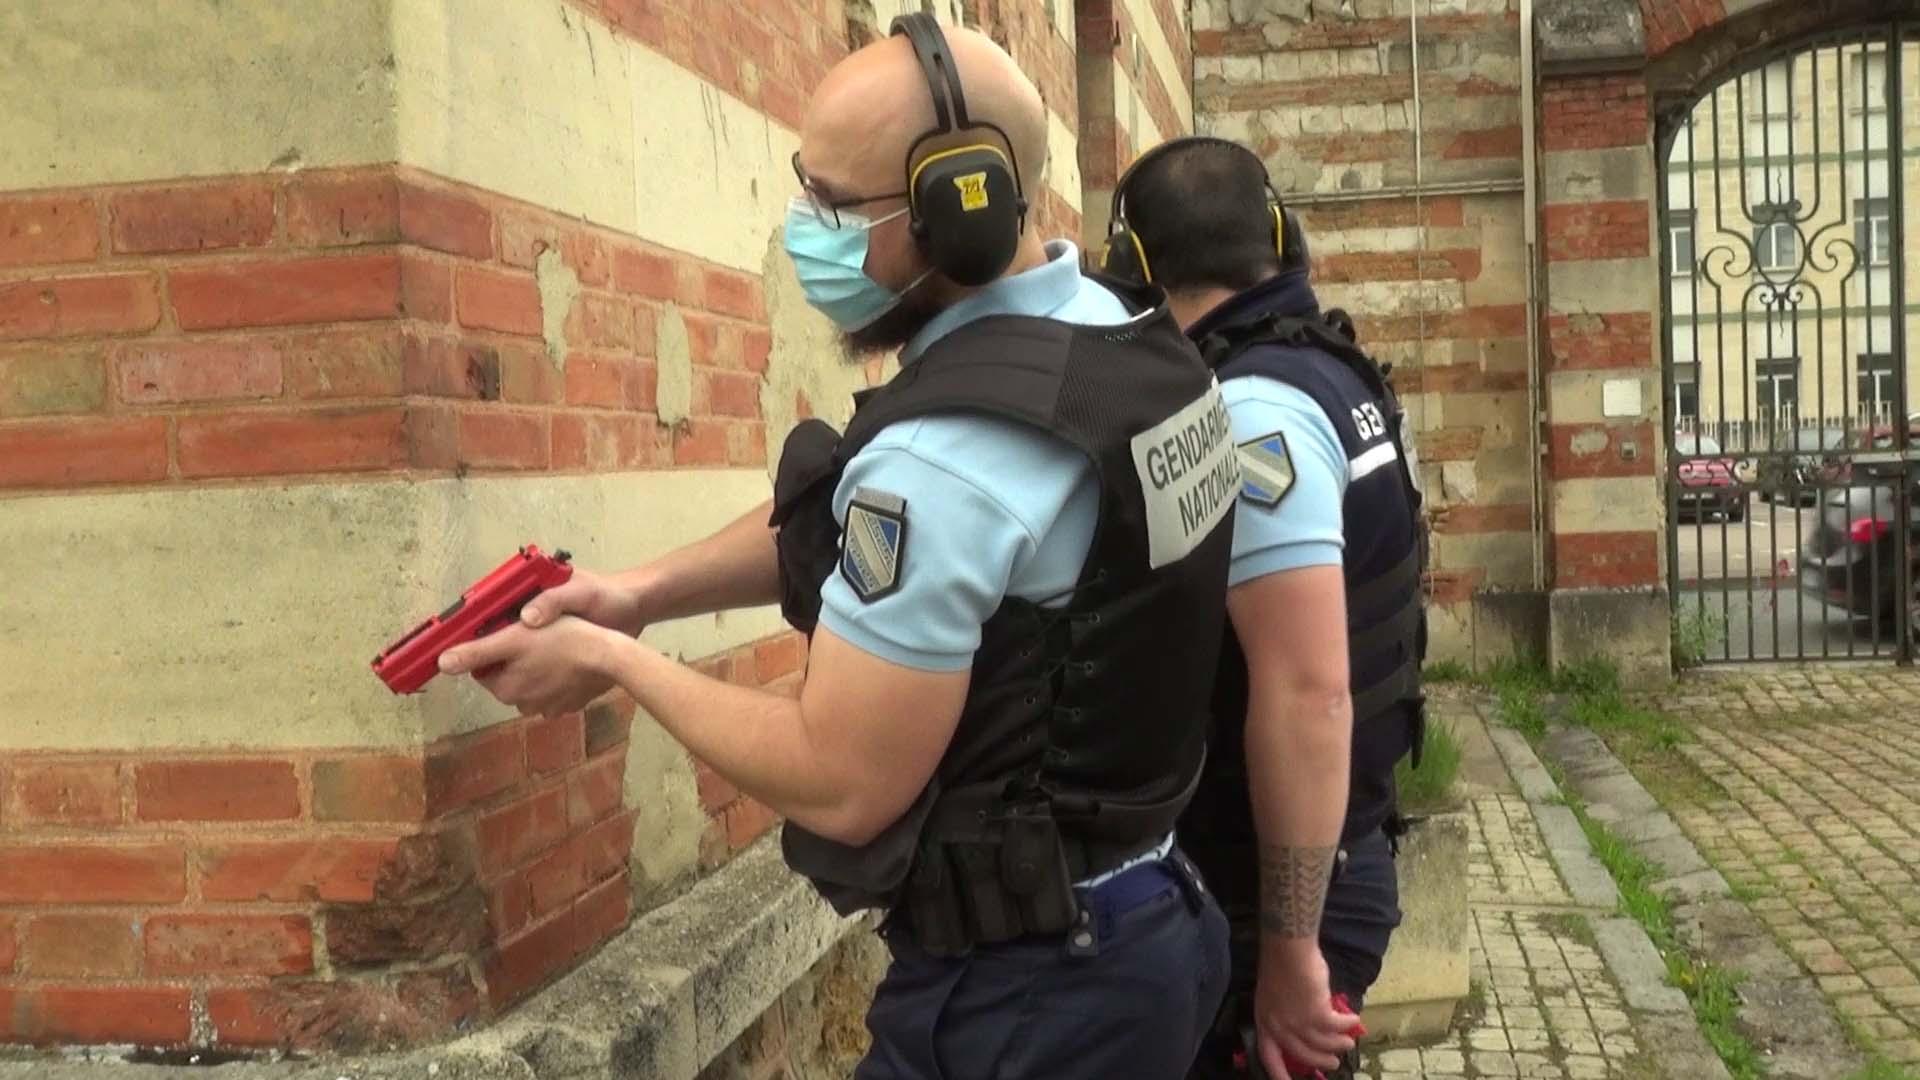 Les gendarmes de Vitry-le-François formés aux attaques terroristes